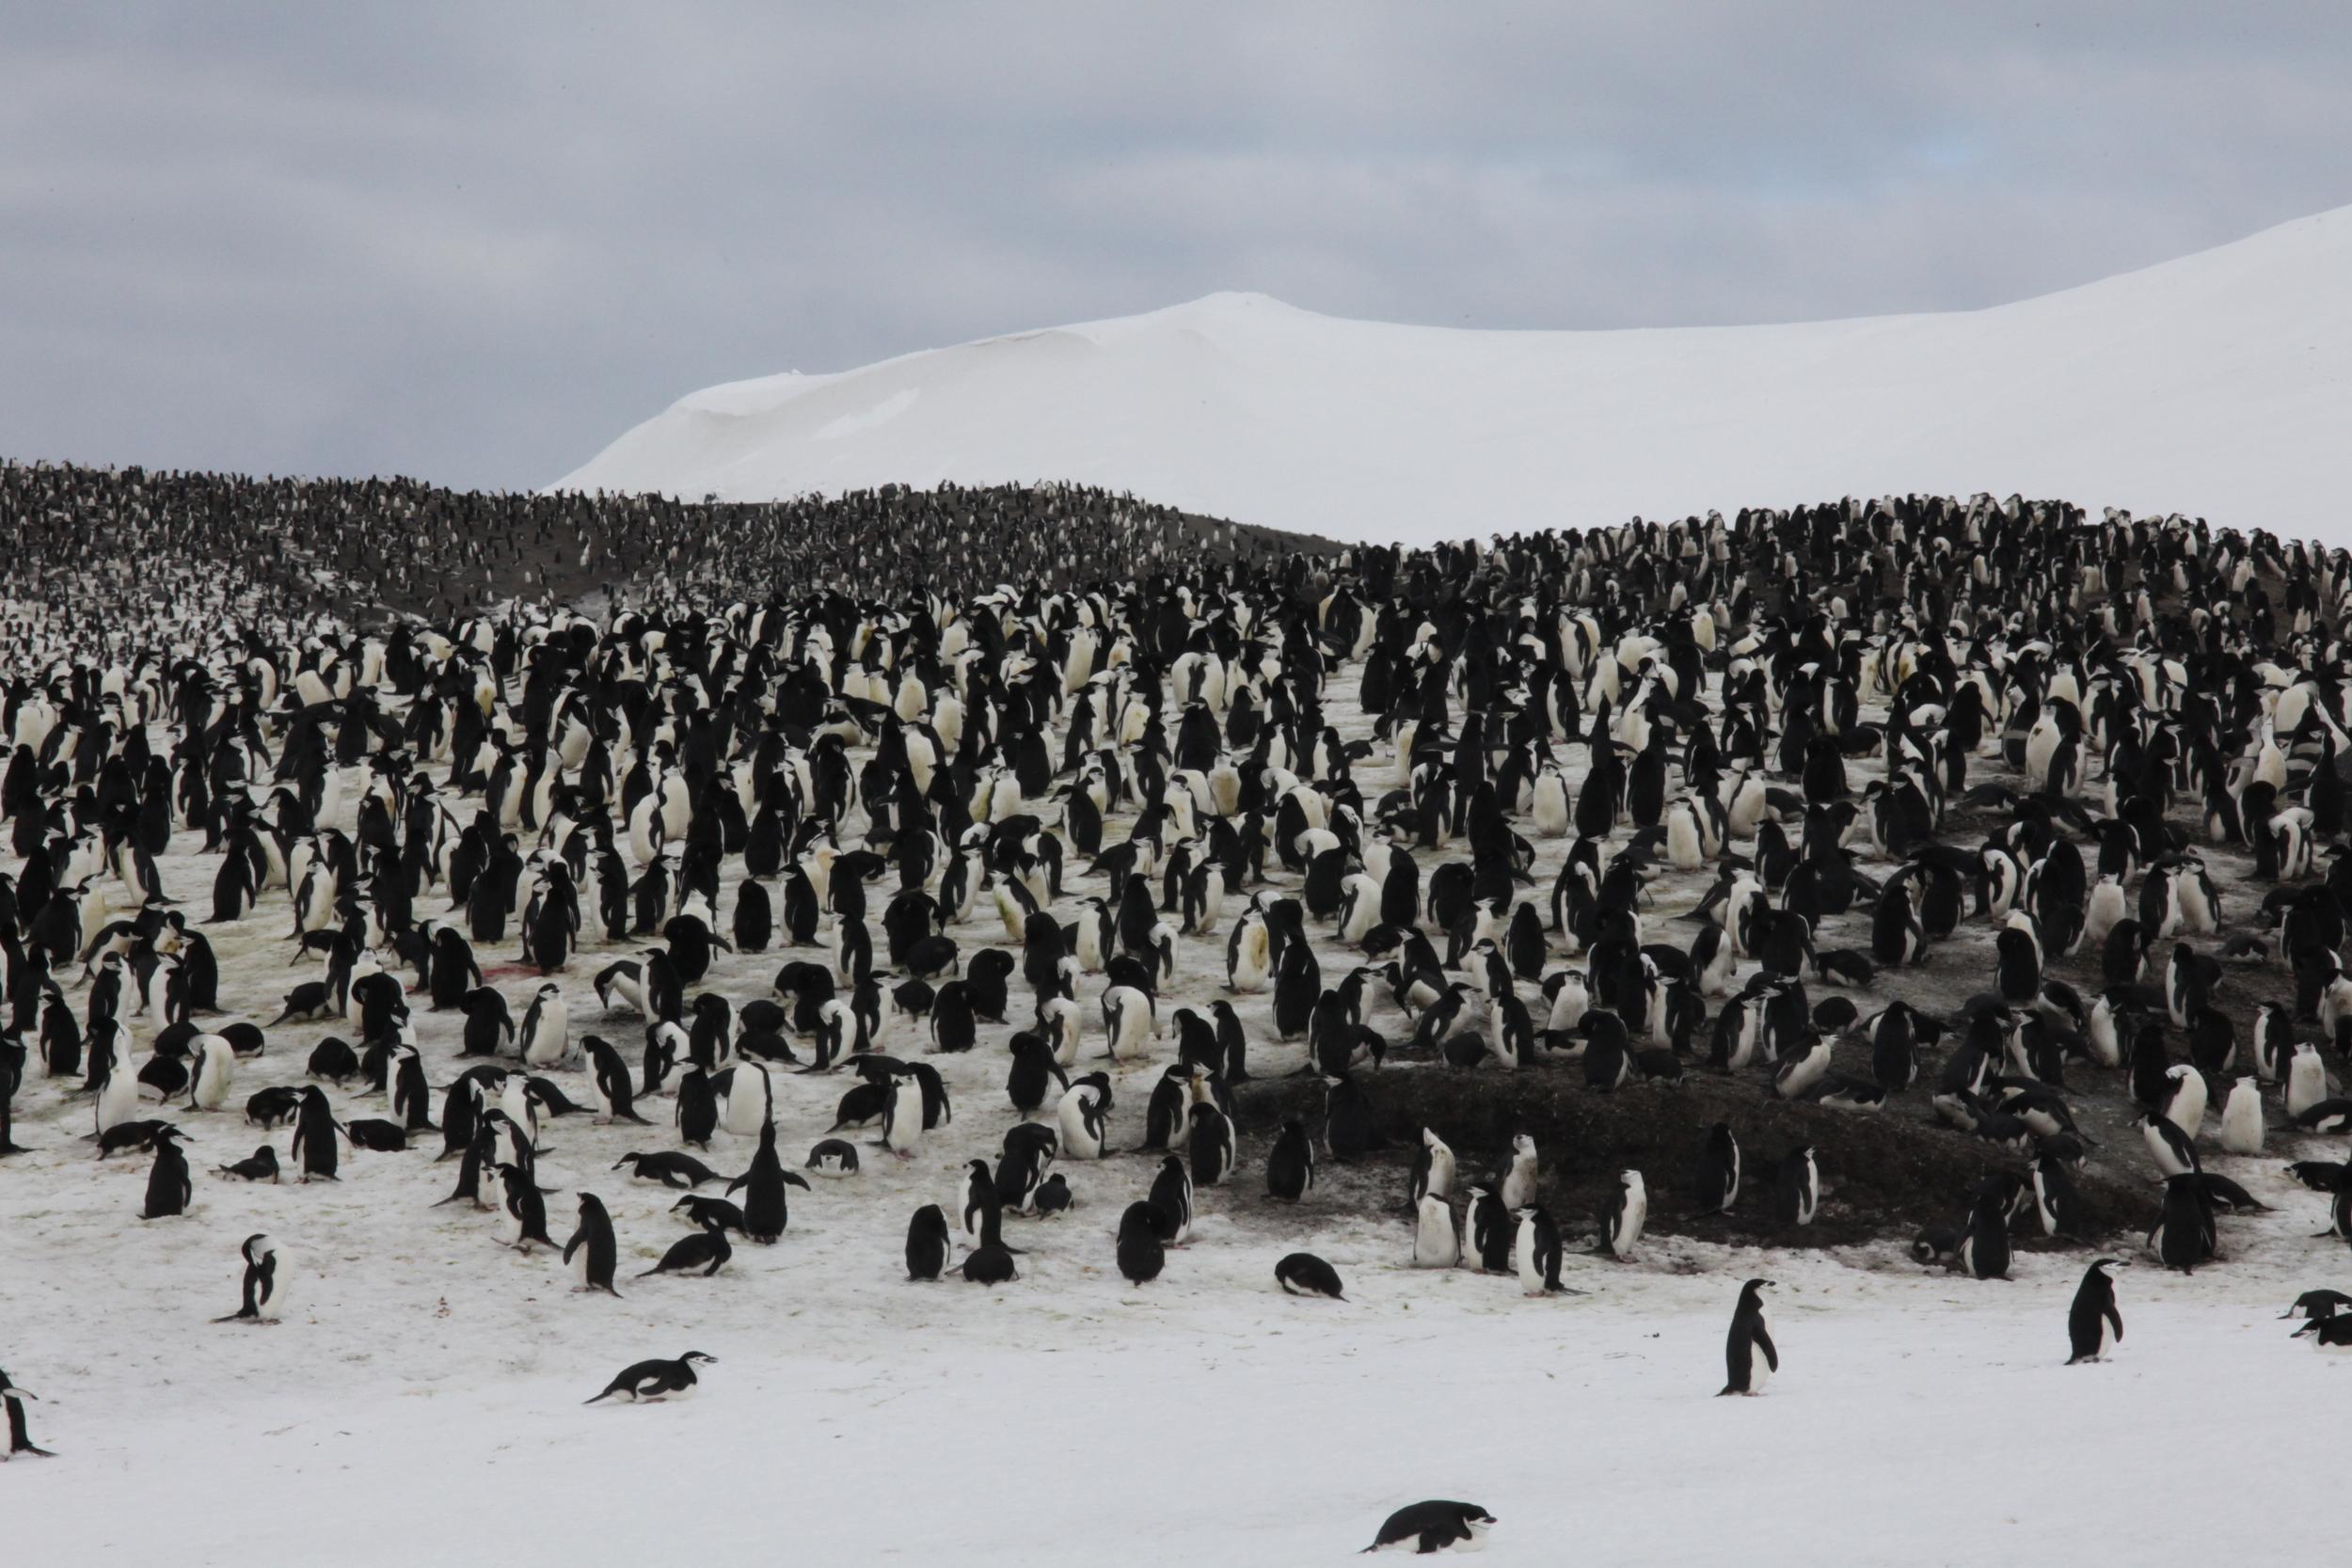 penguinmass1.jpg